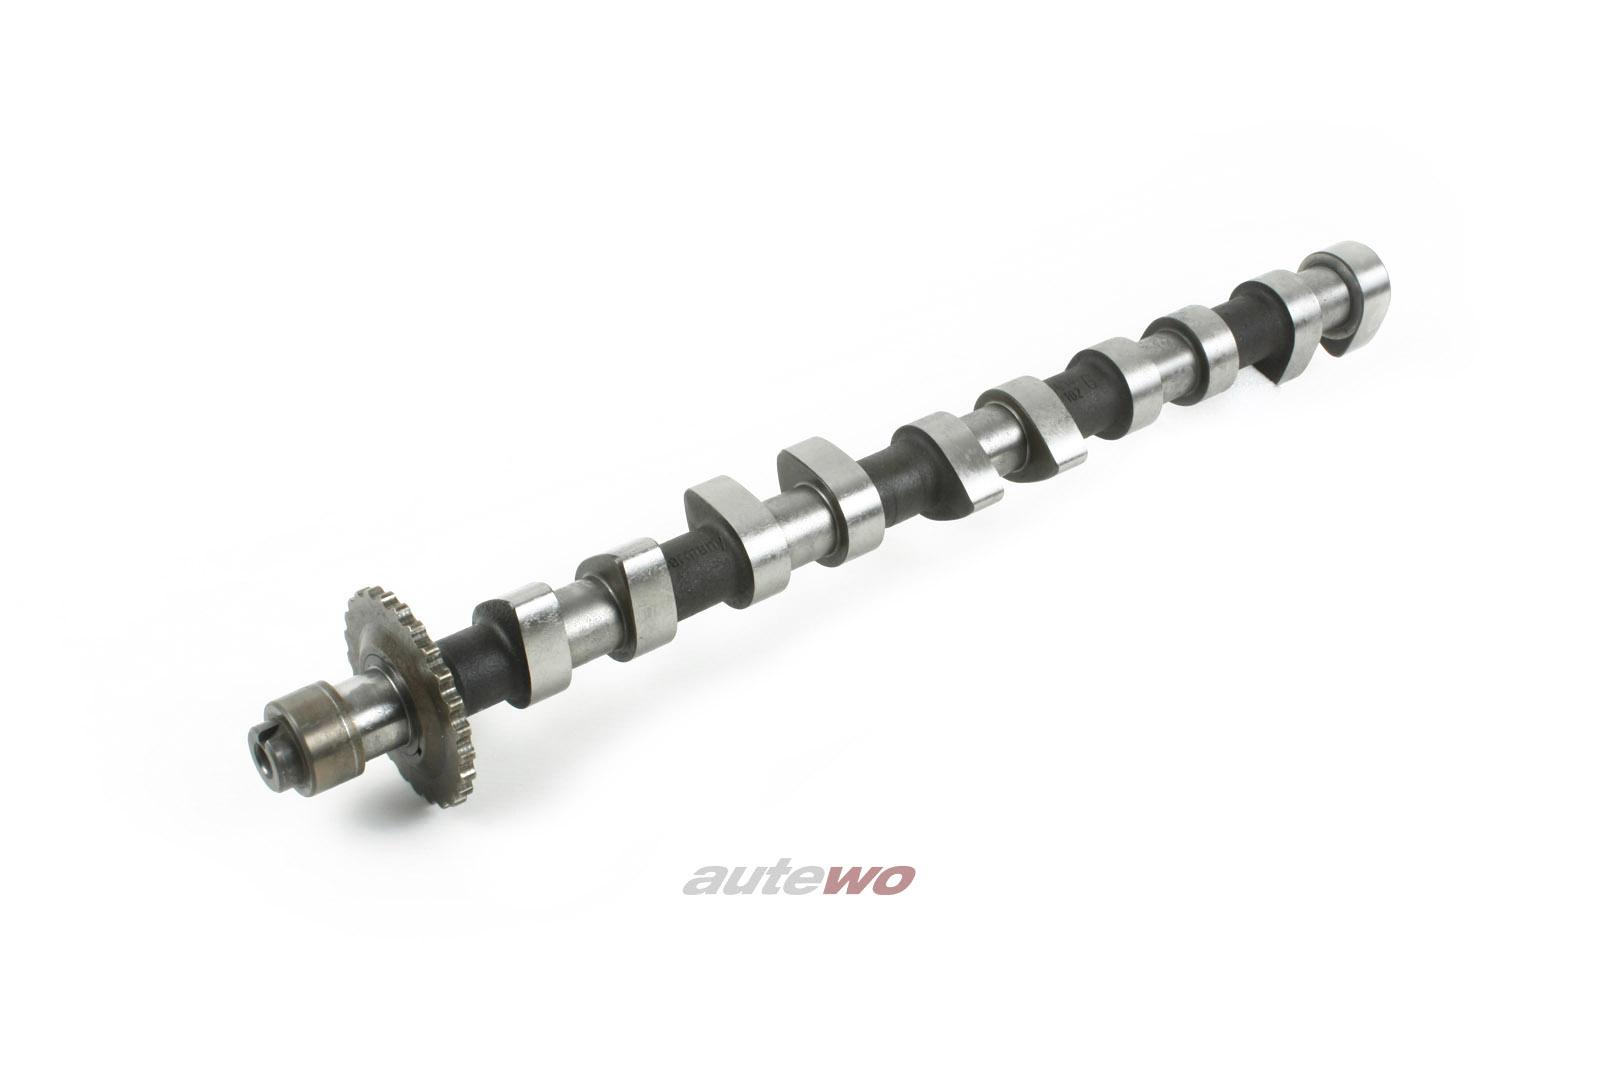 #034109022G NEU Audi RS2 2.2l 315PS 20V Turbo ADU Auslass-Nockenwelle Austausch